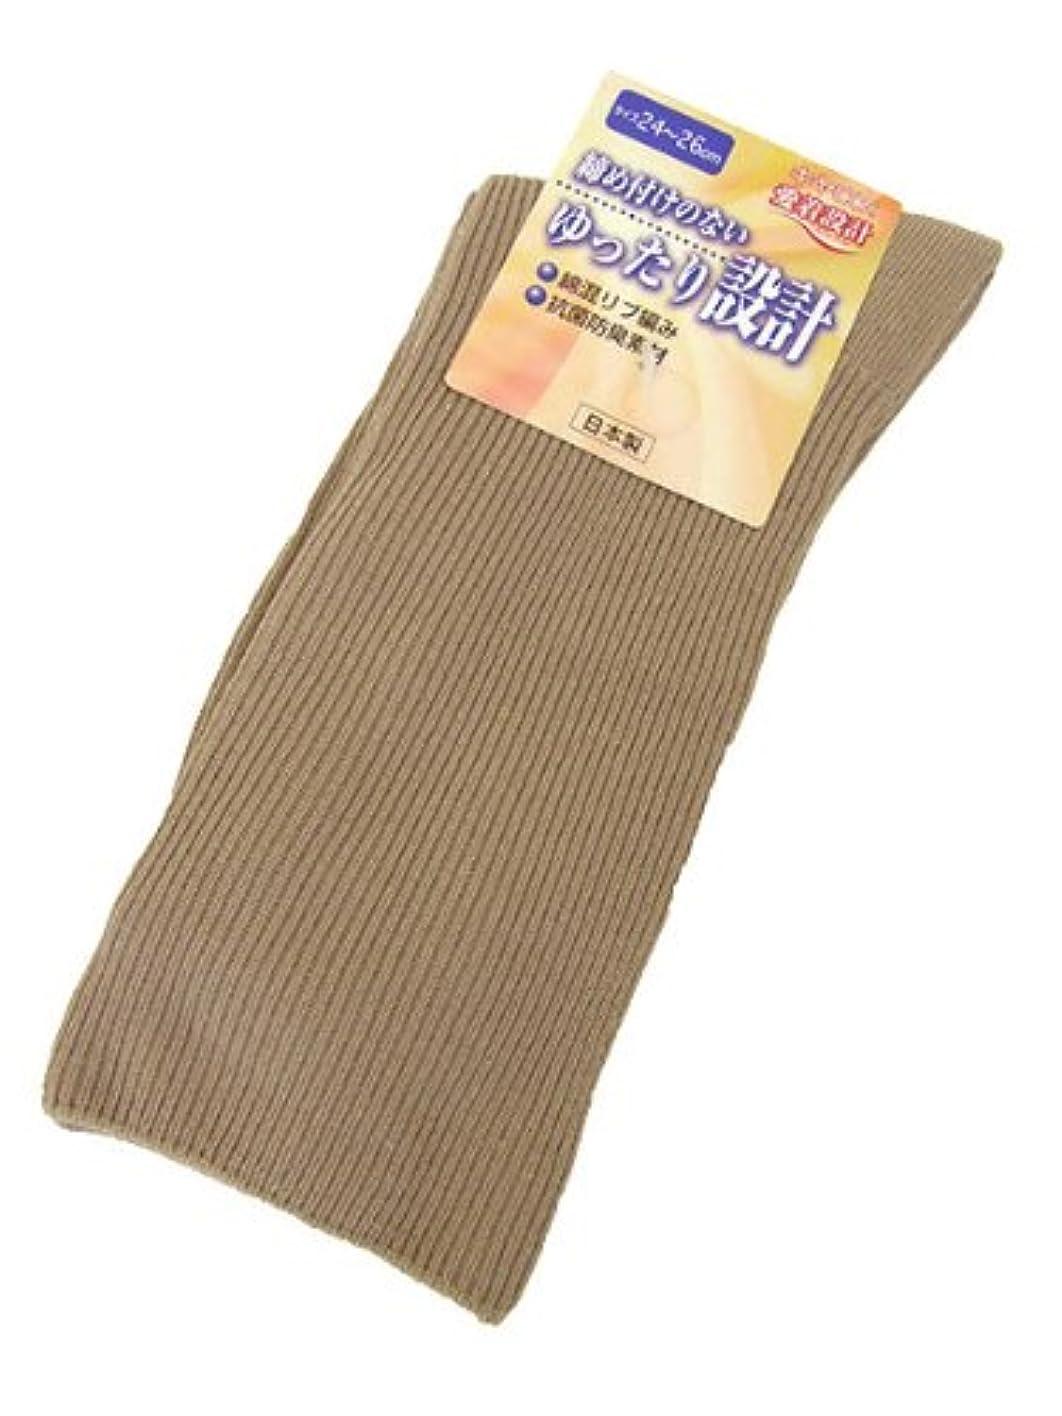 聴く湿度一貫性のないゆったり設計ソックス綿混リブ 紳士用 ベージュ